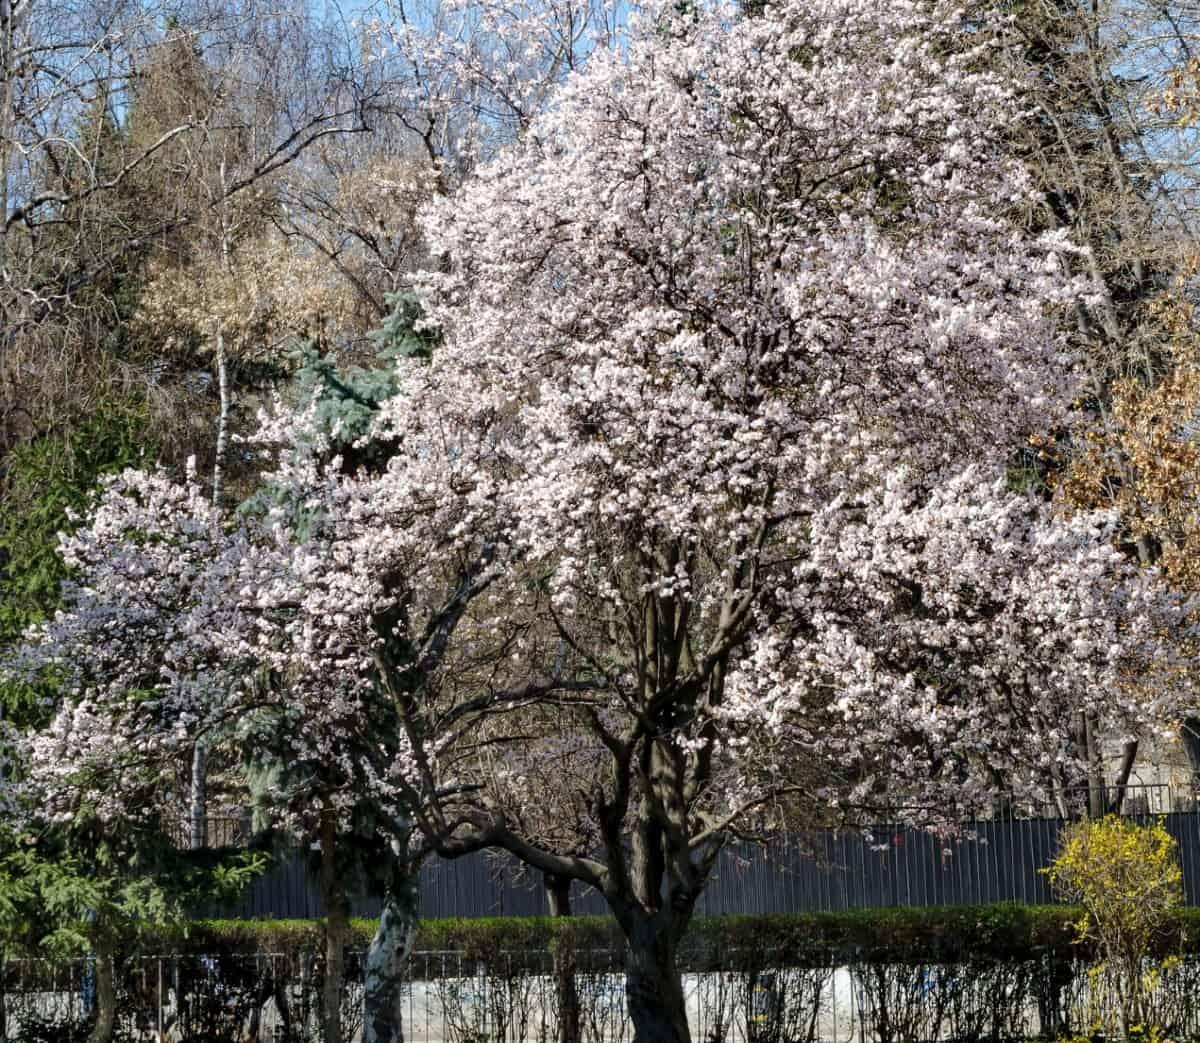 European plum trees provide delicious fruit.